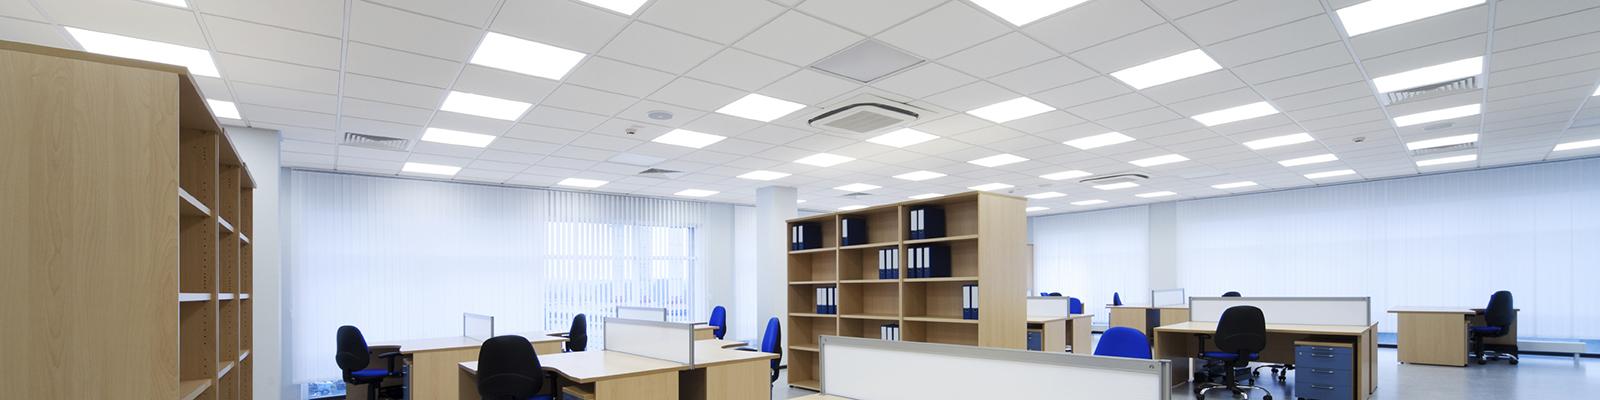 LED panely v kanceláři